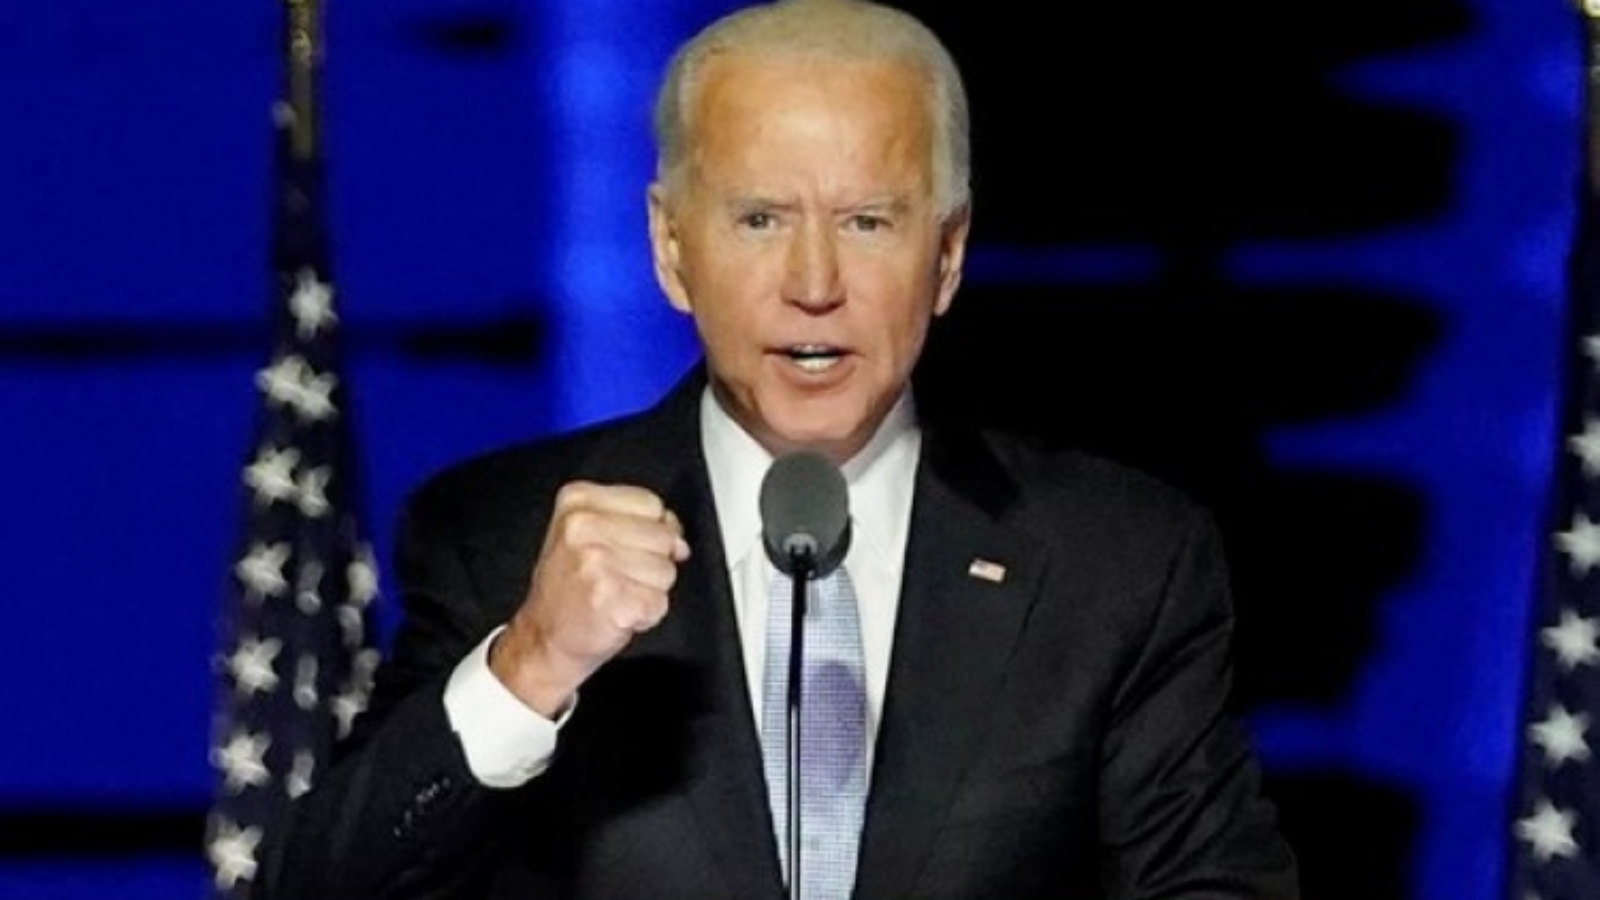 """Số ca Covid-19 ở Mỹ cao kỷ lục, ông Biden kêu gọi ông Trump """"hành động khẩn cấp"""""""